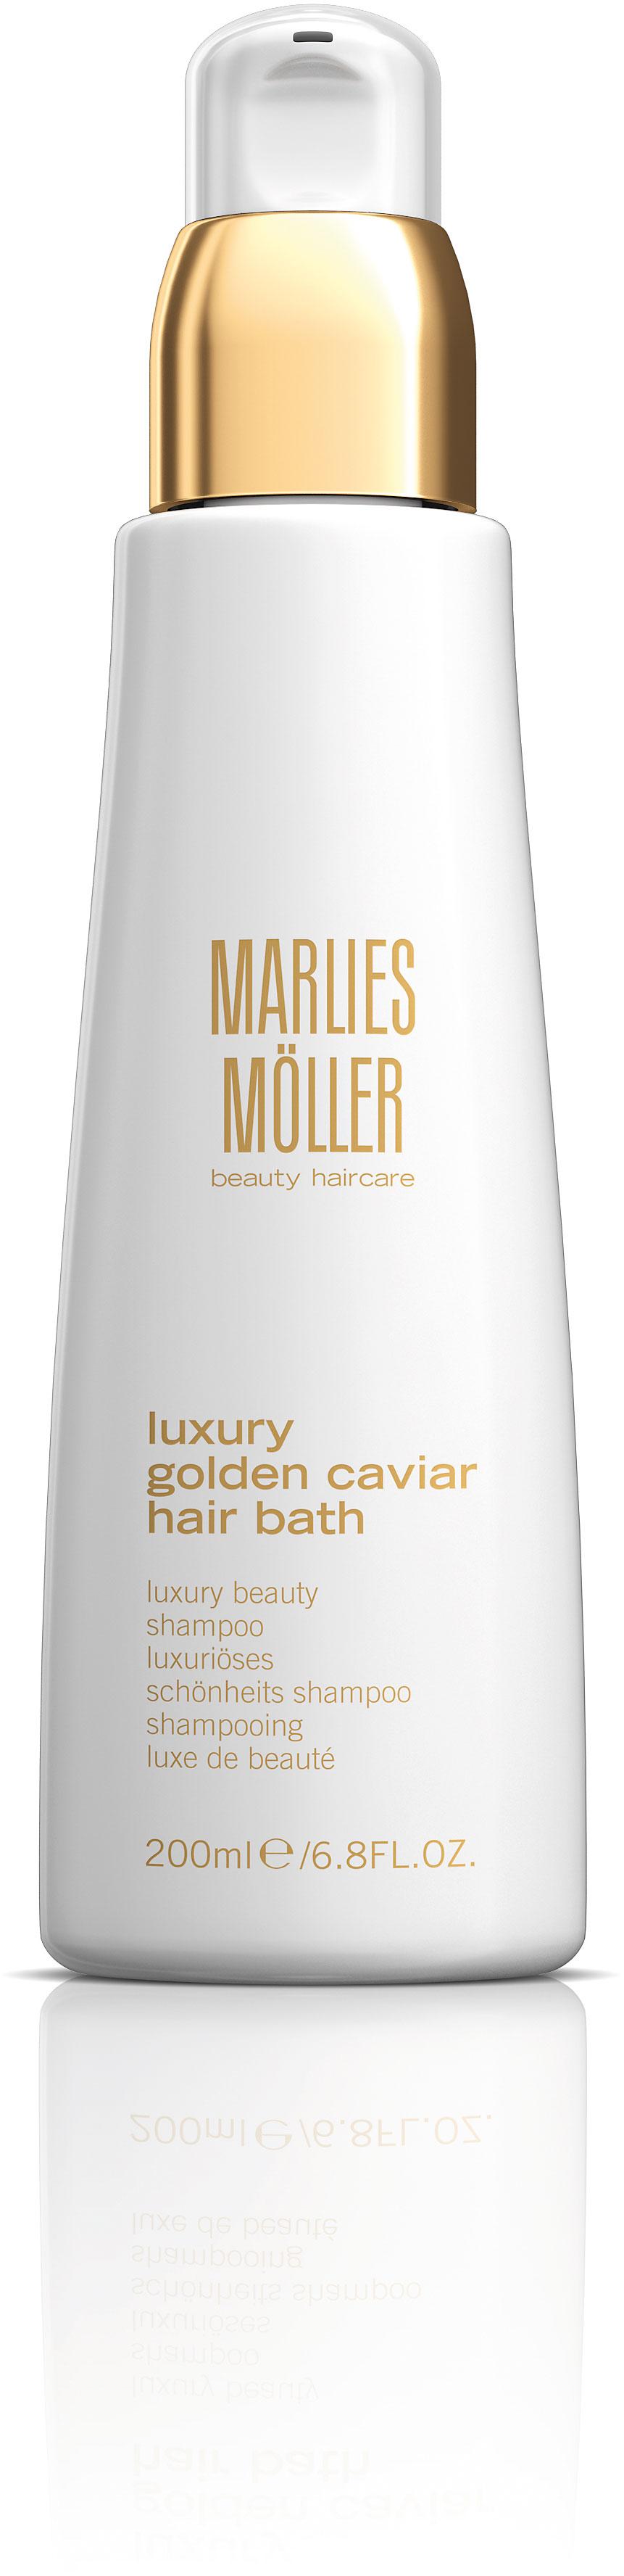 Marlies Möller Clean Lux Gold Cav Hair Bath 200 ml